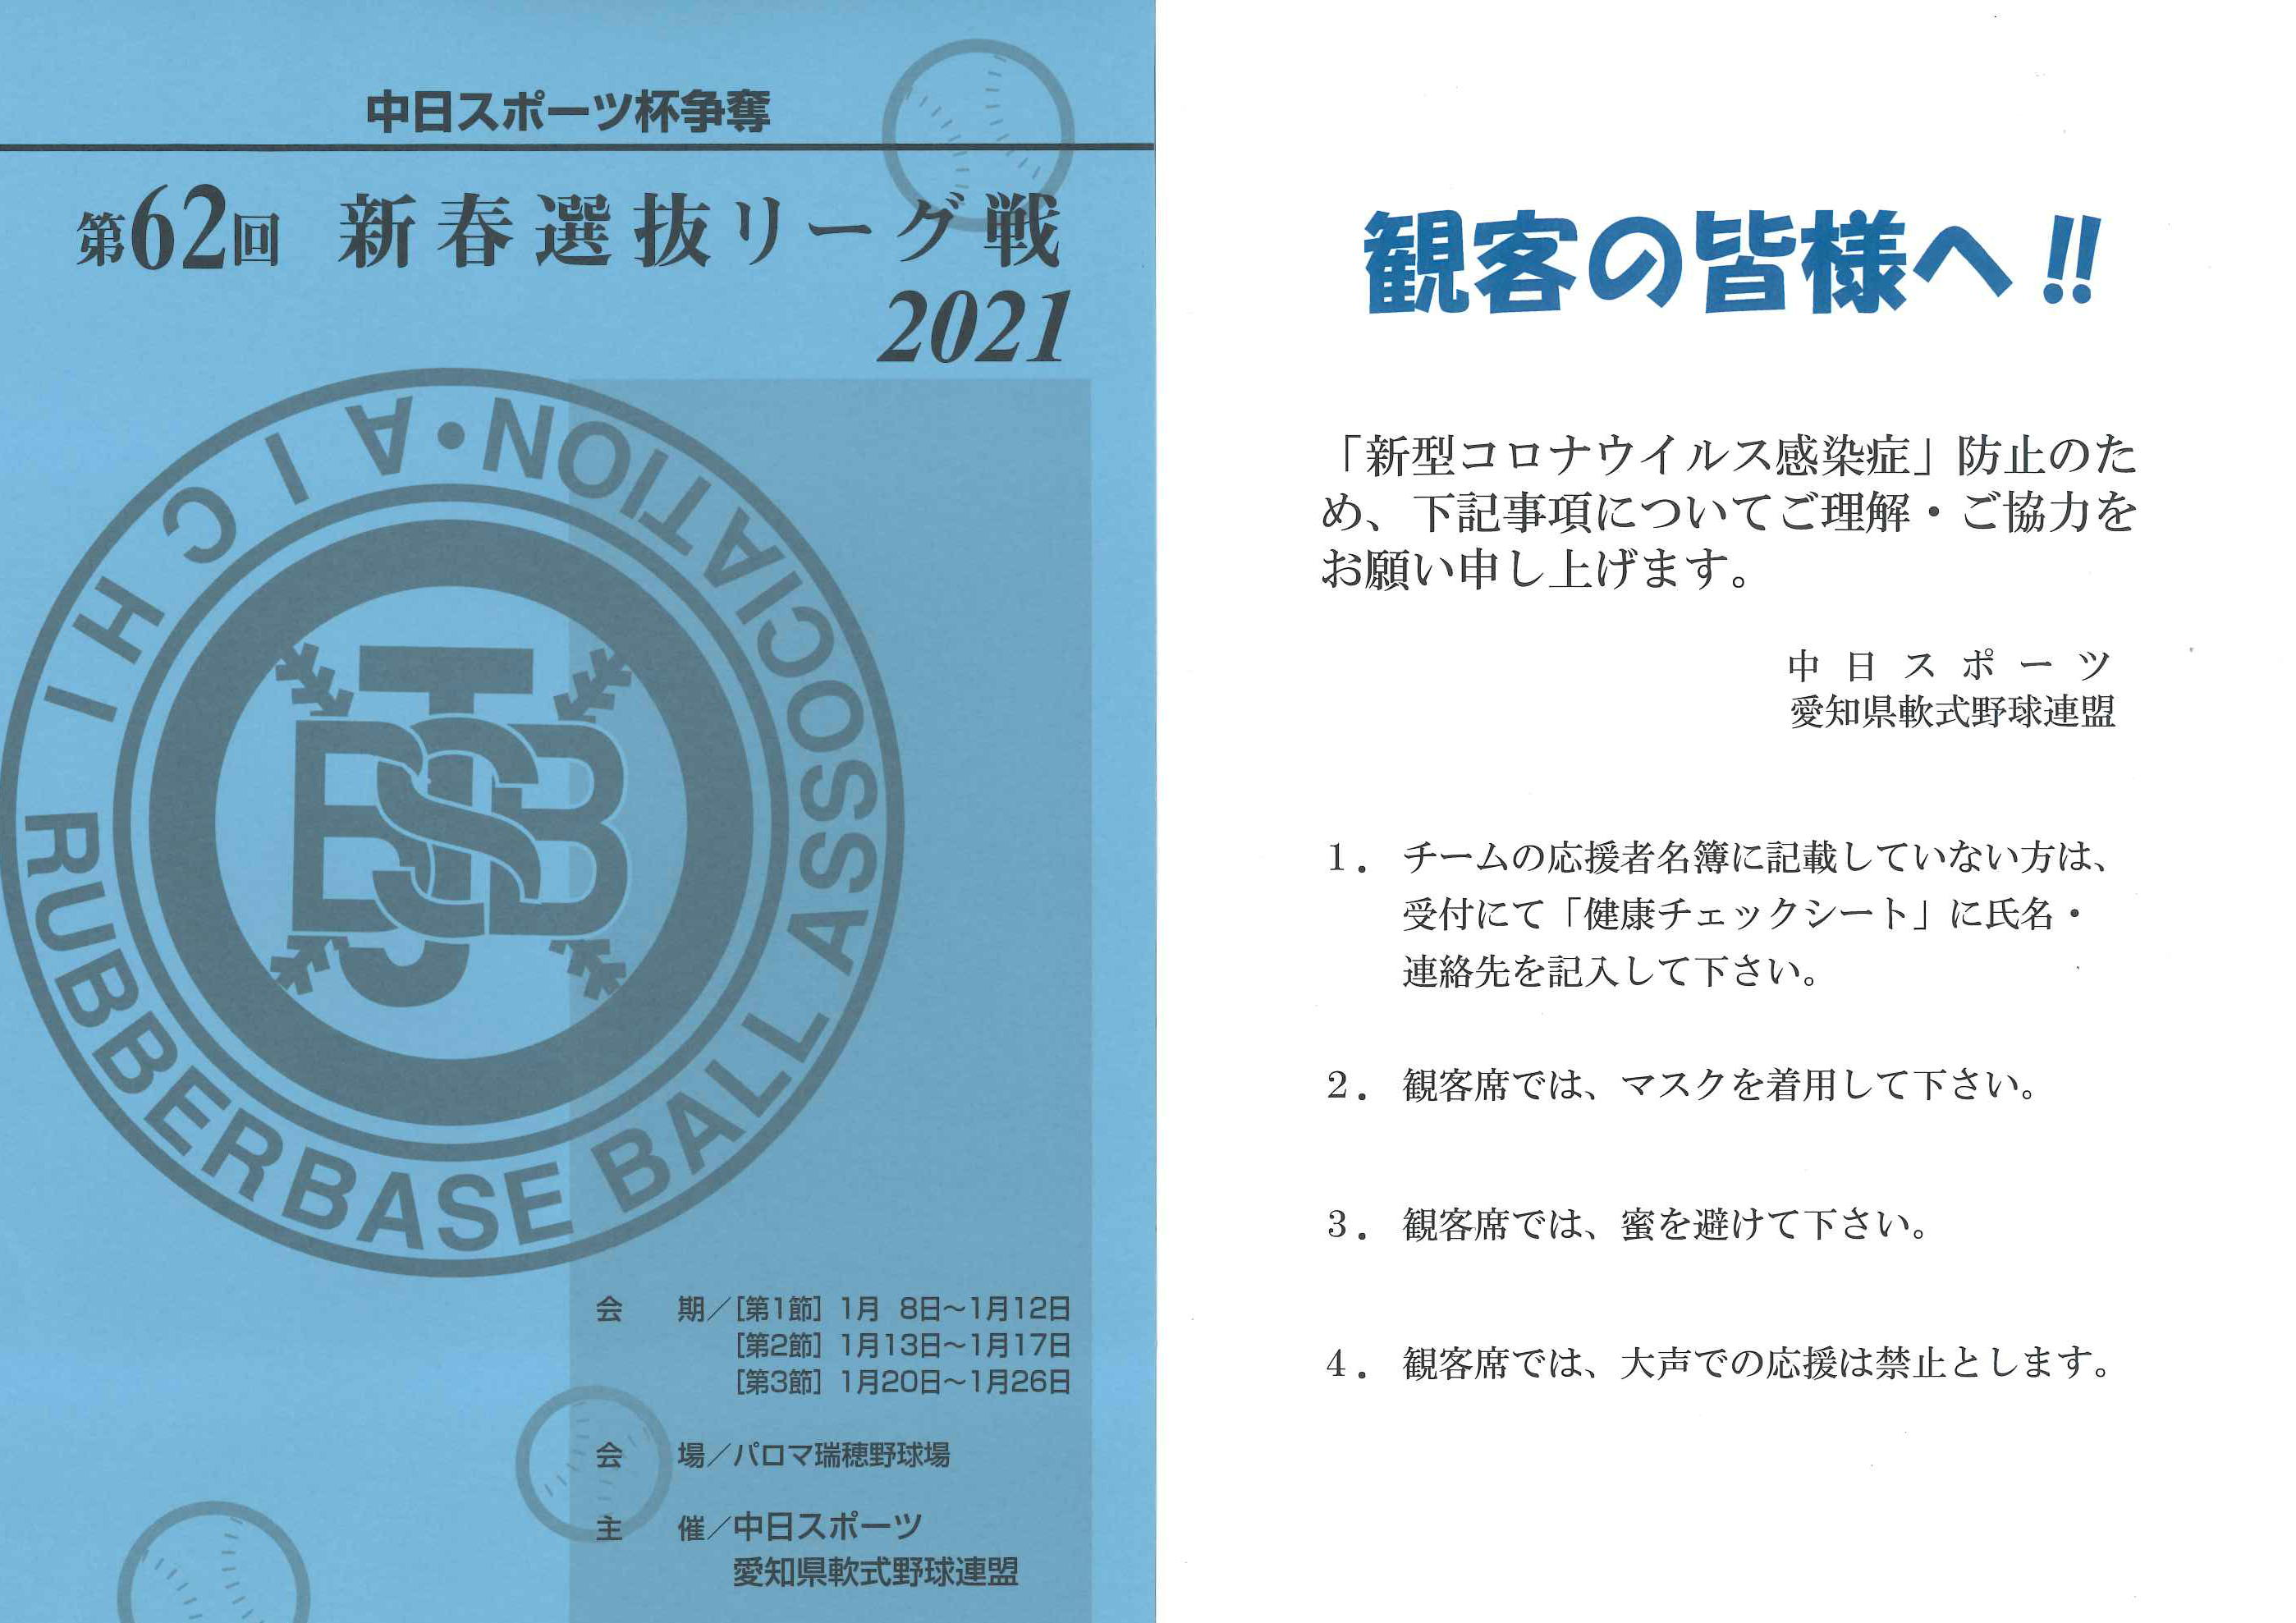 県 名簿 愛知 感染 者 新型コロナウイルス感染者情報